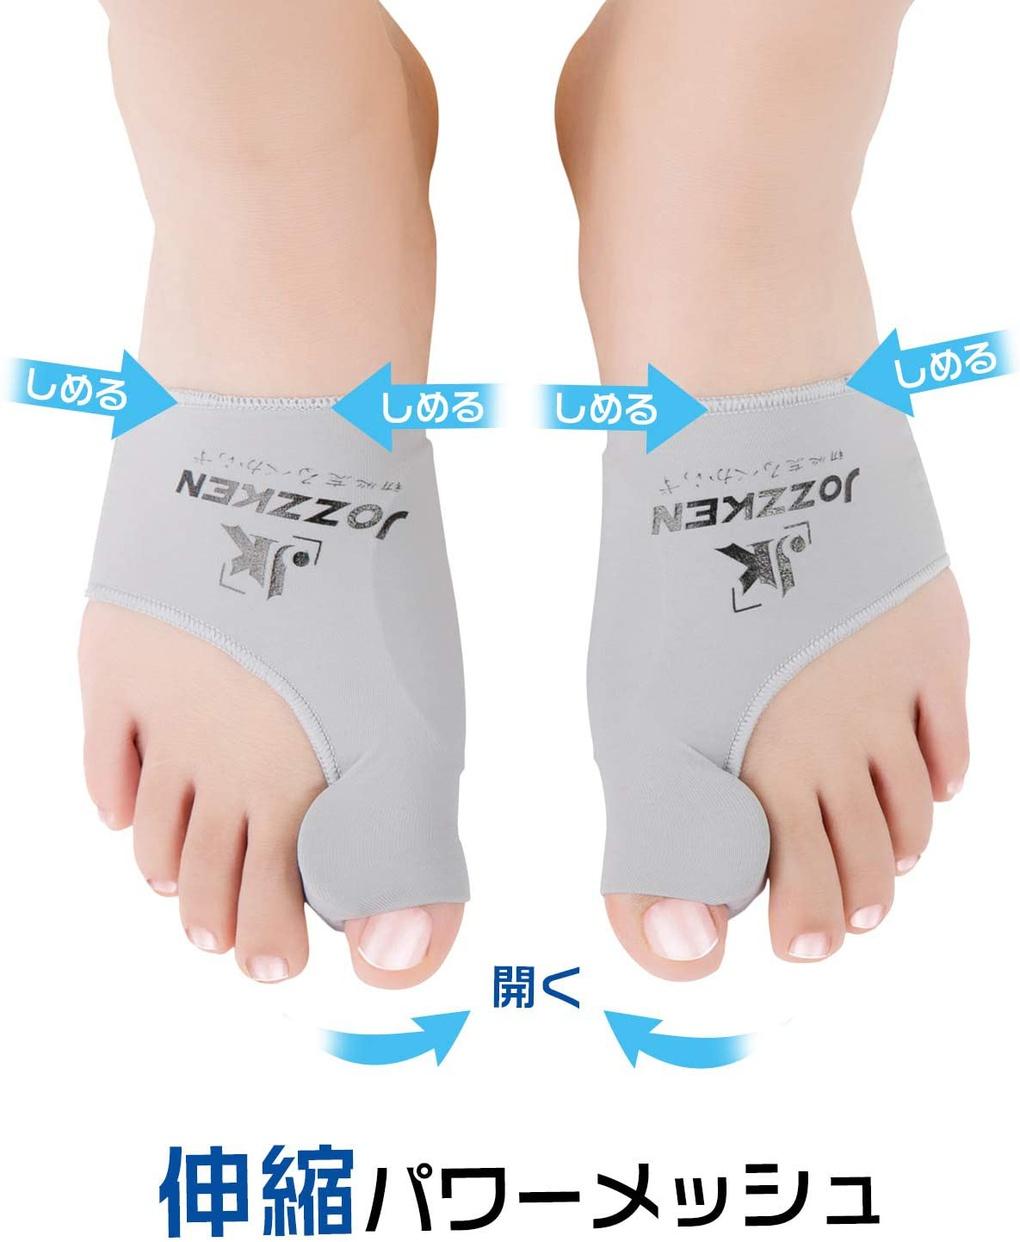 JZK-JAPAN(ジェイゼットケージャパン) 外反母趾サポーターの商品画像5